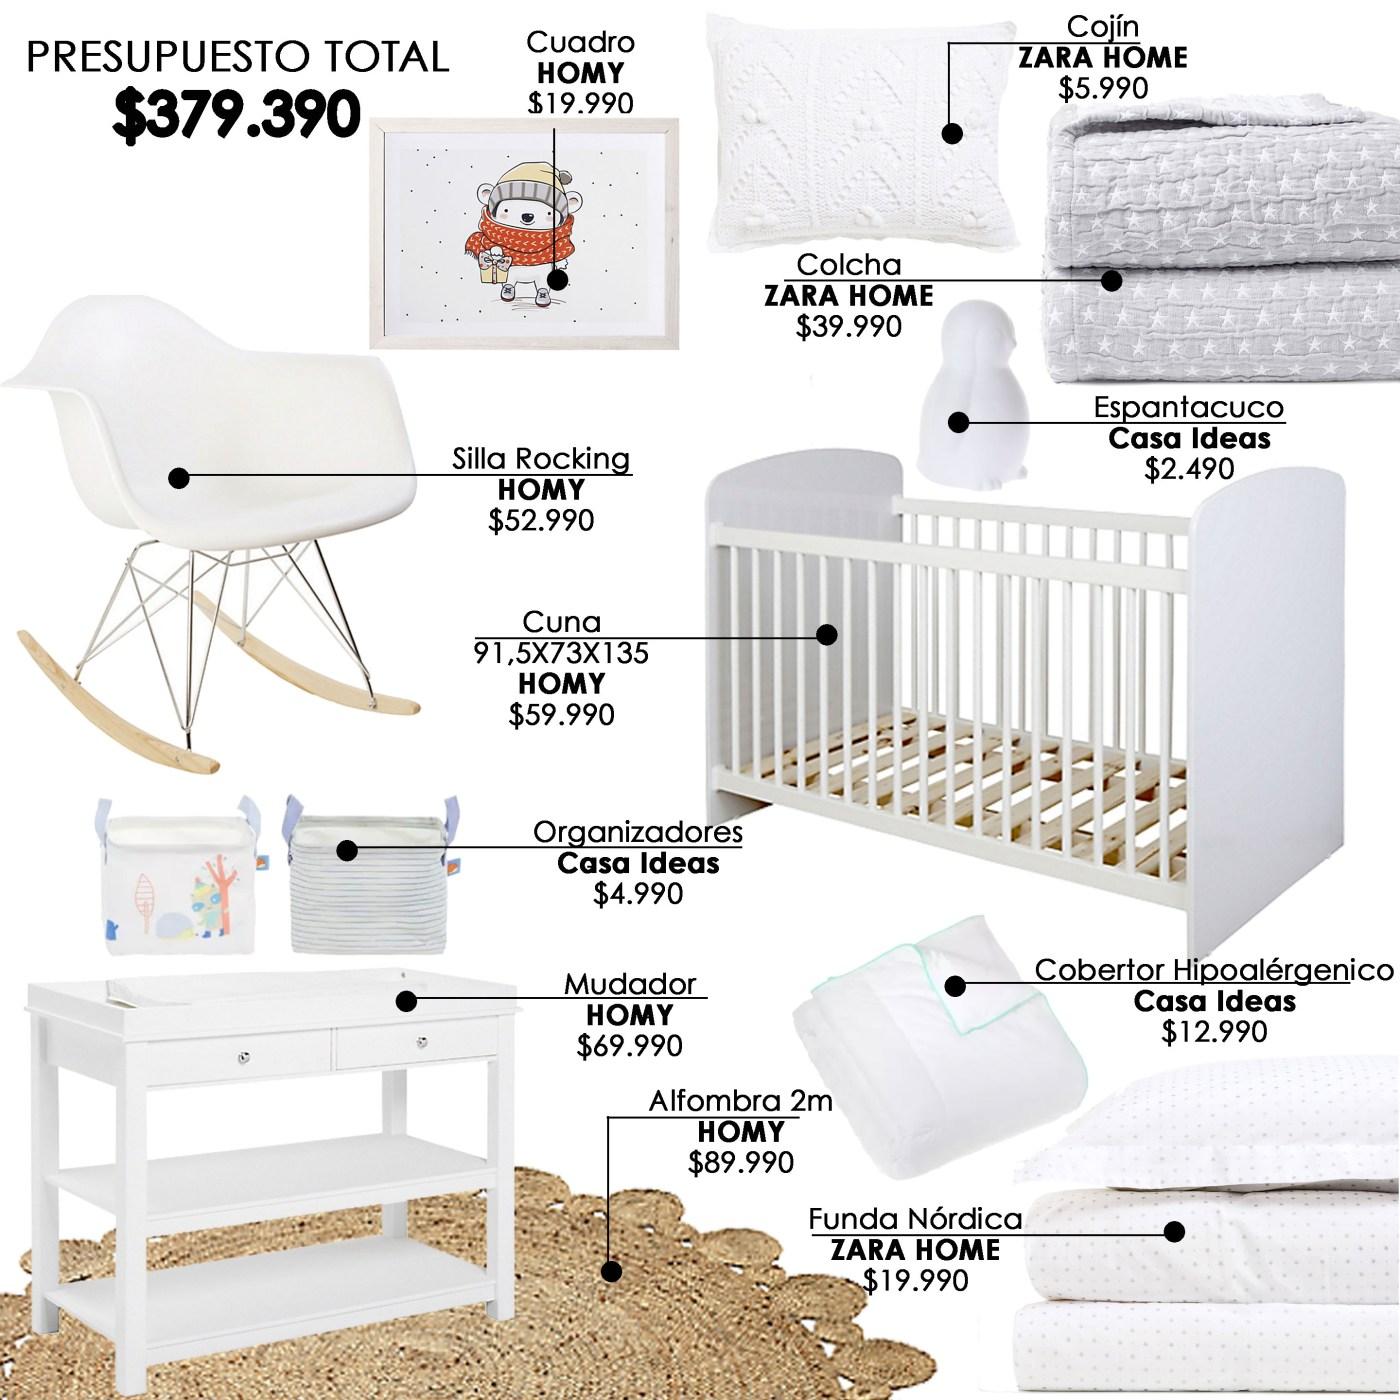 Dormitorio sin precios